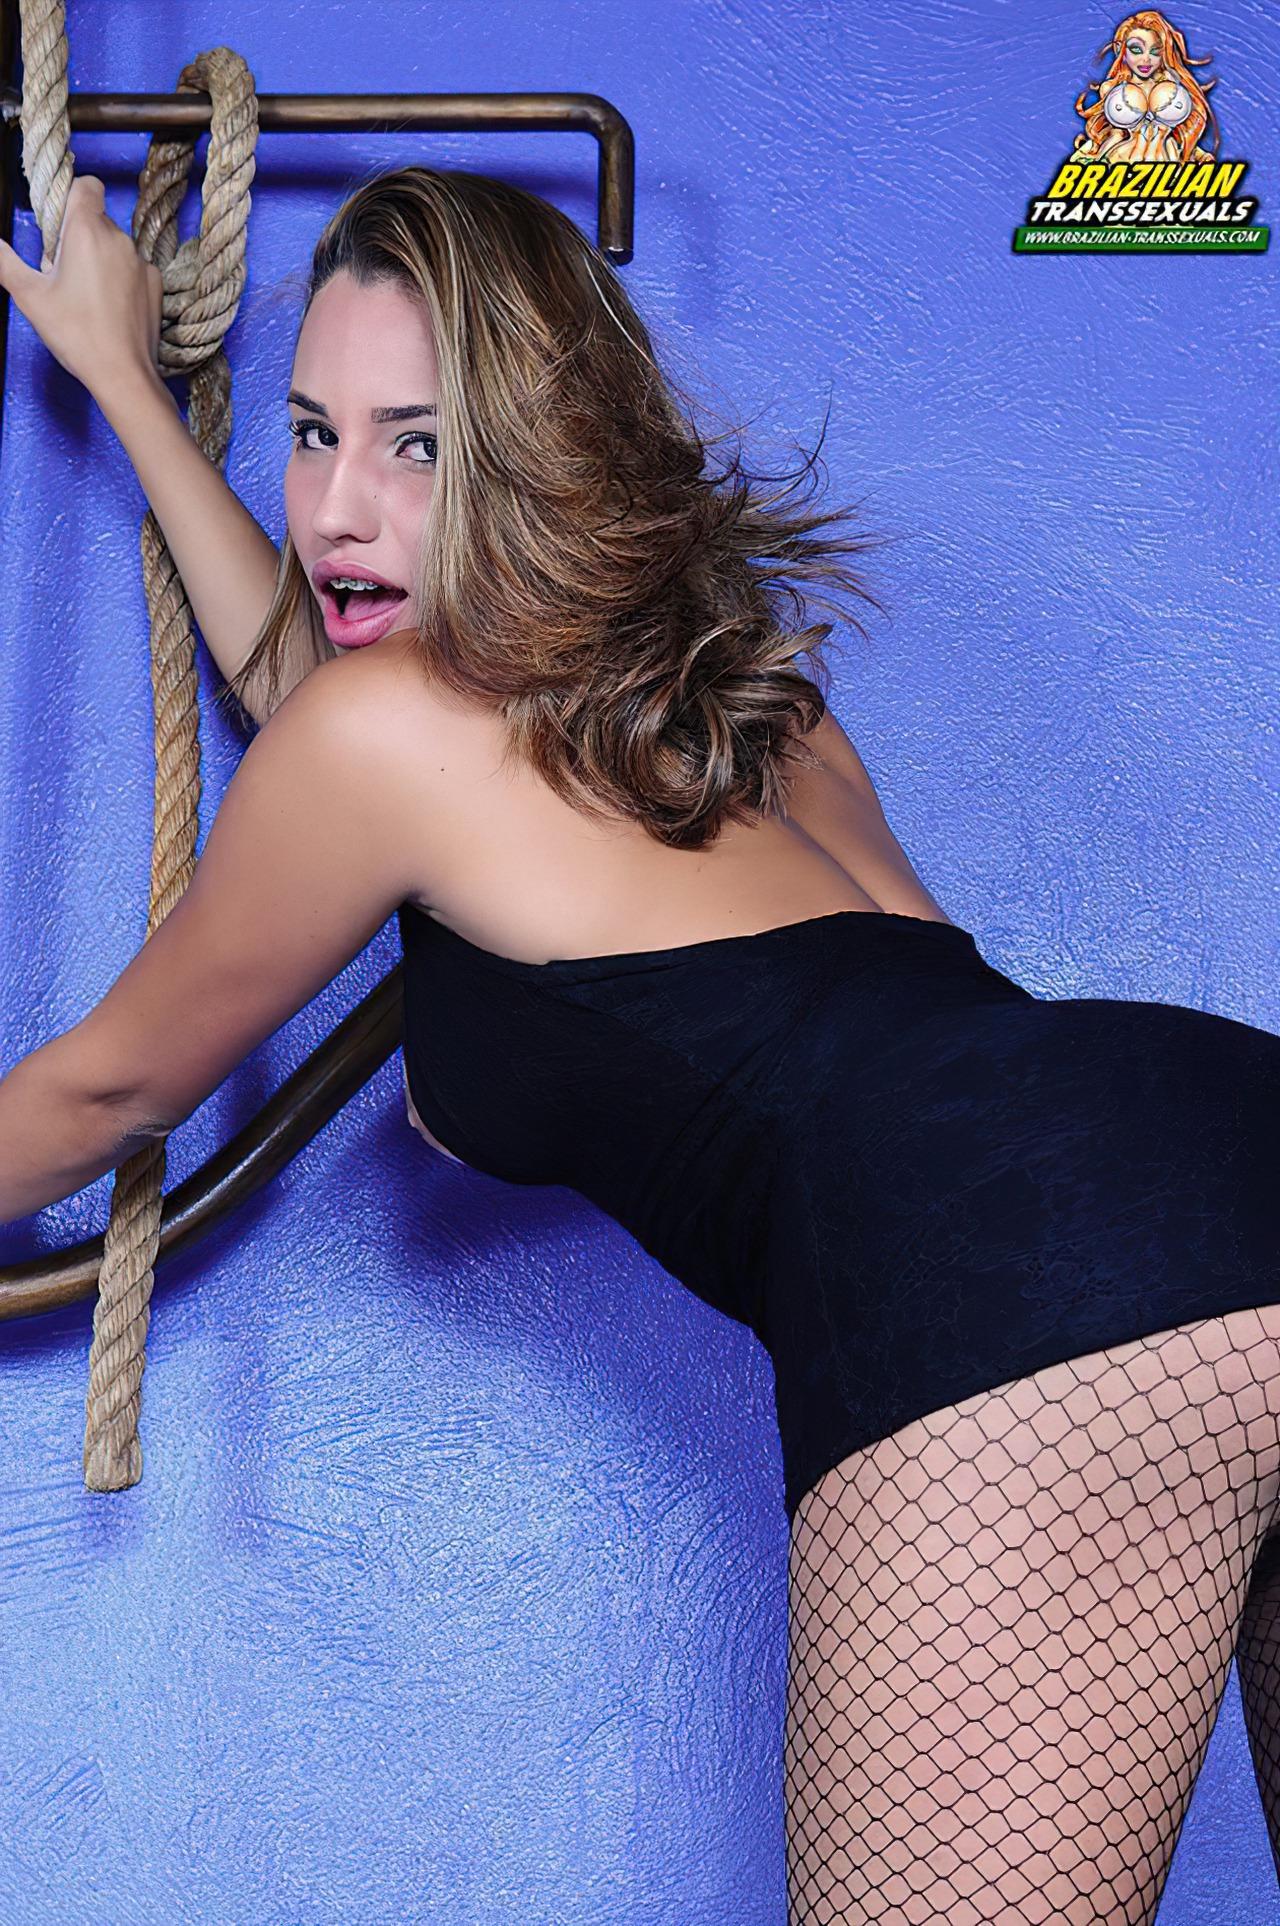 Transex Brasileira Tirando o Vestido (2)